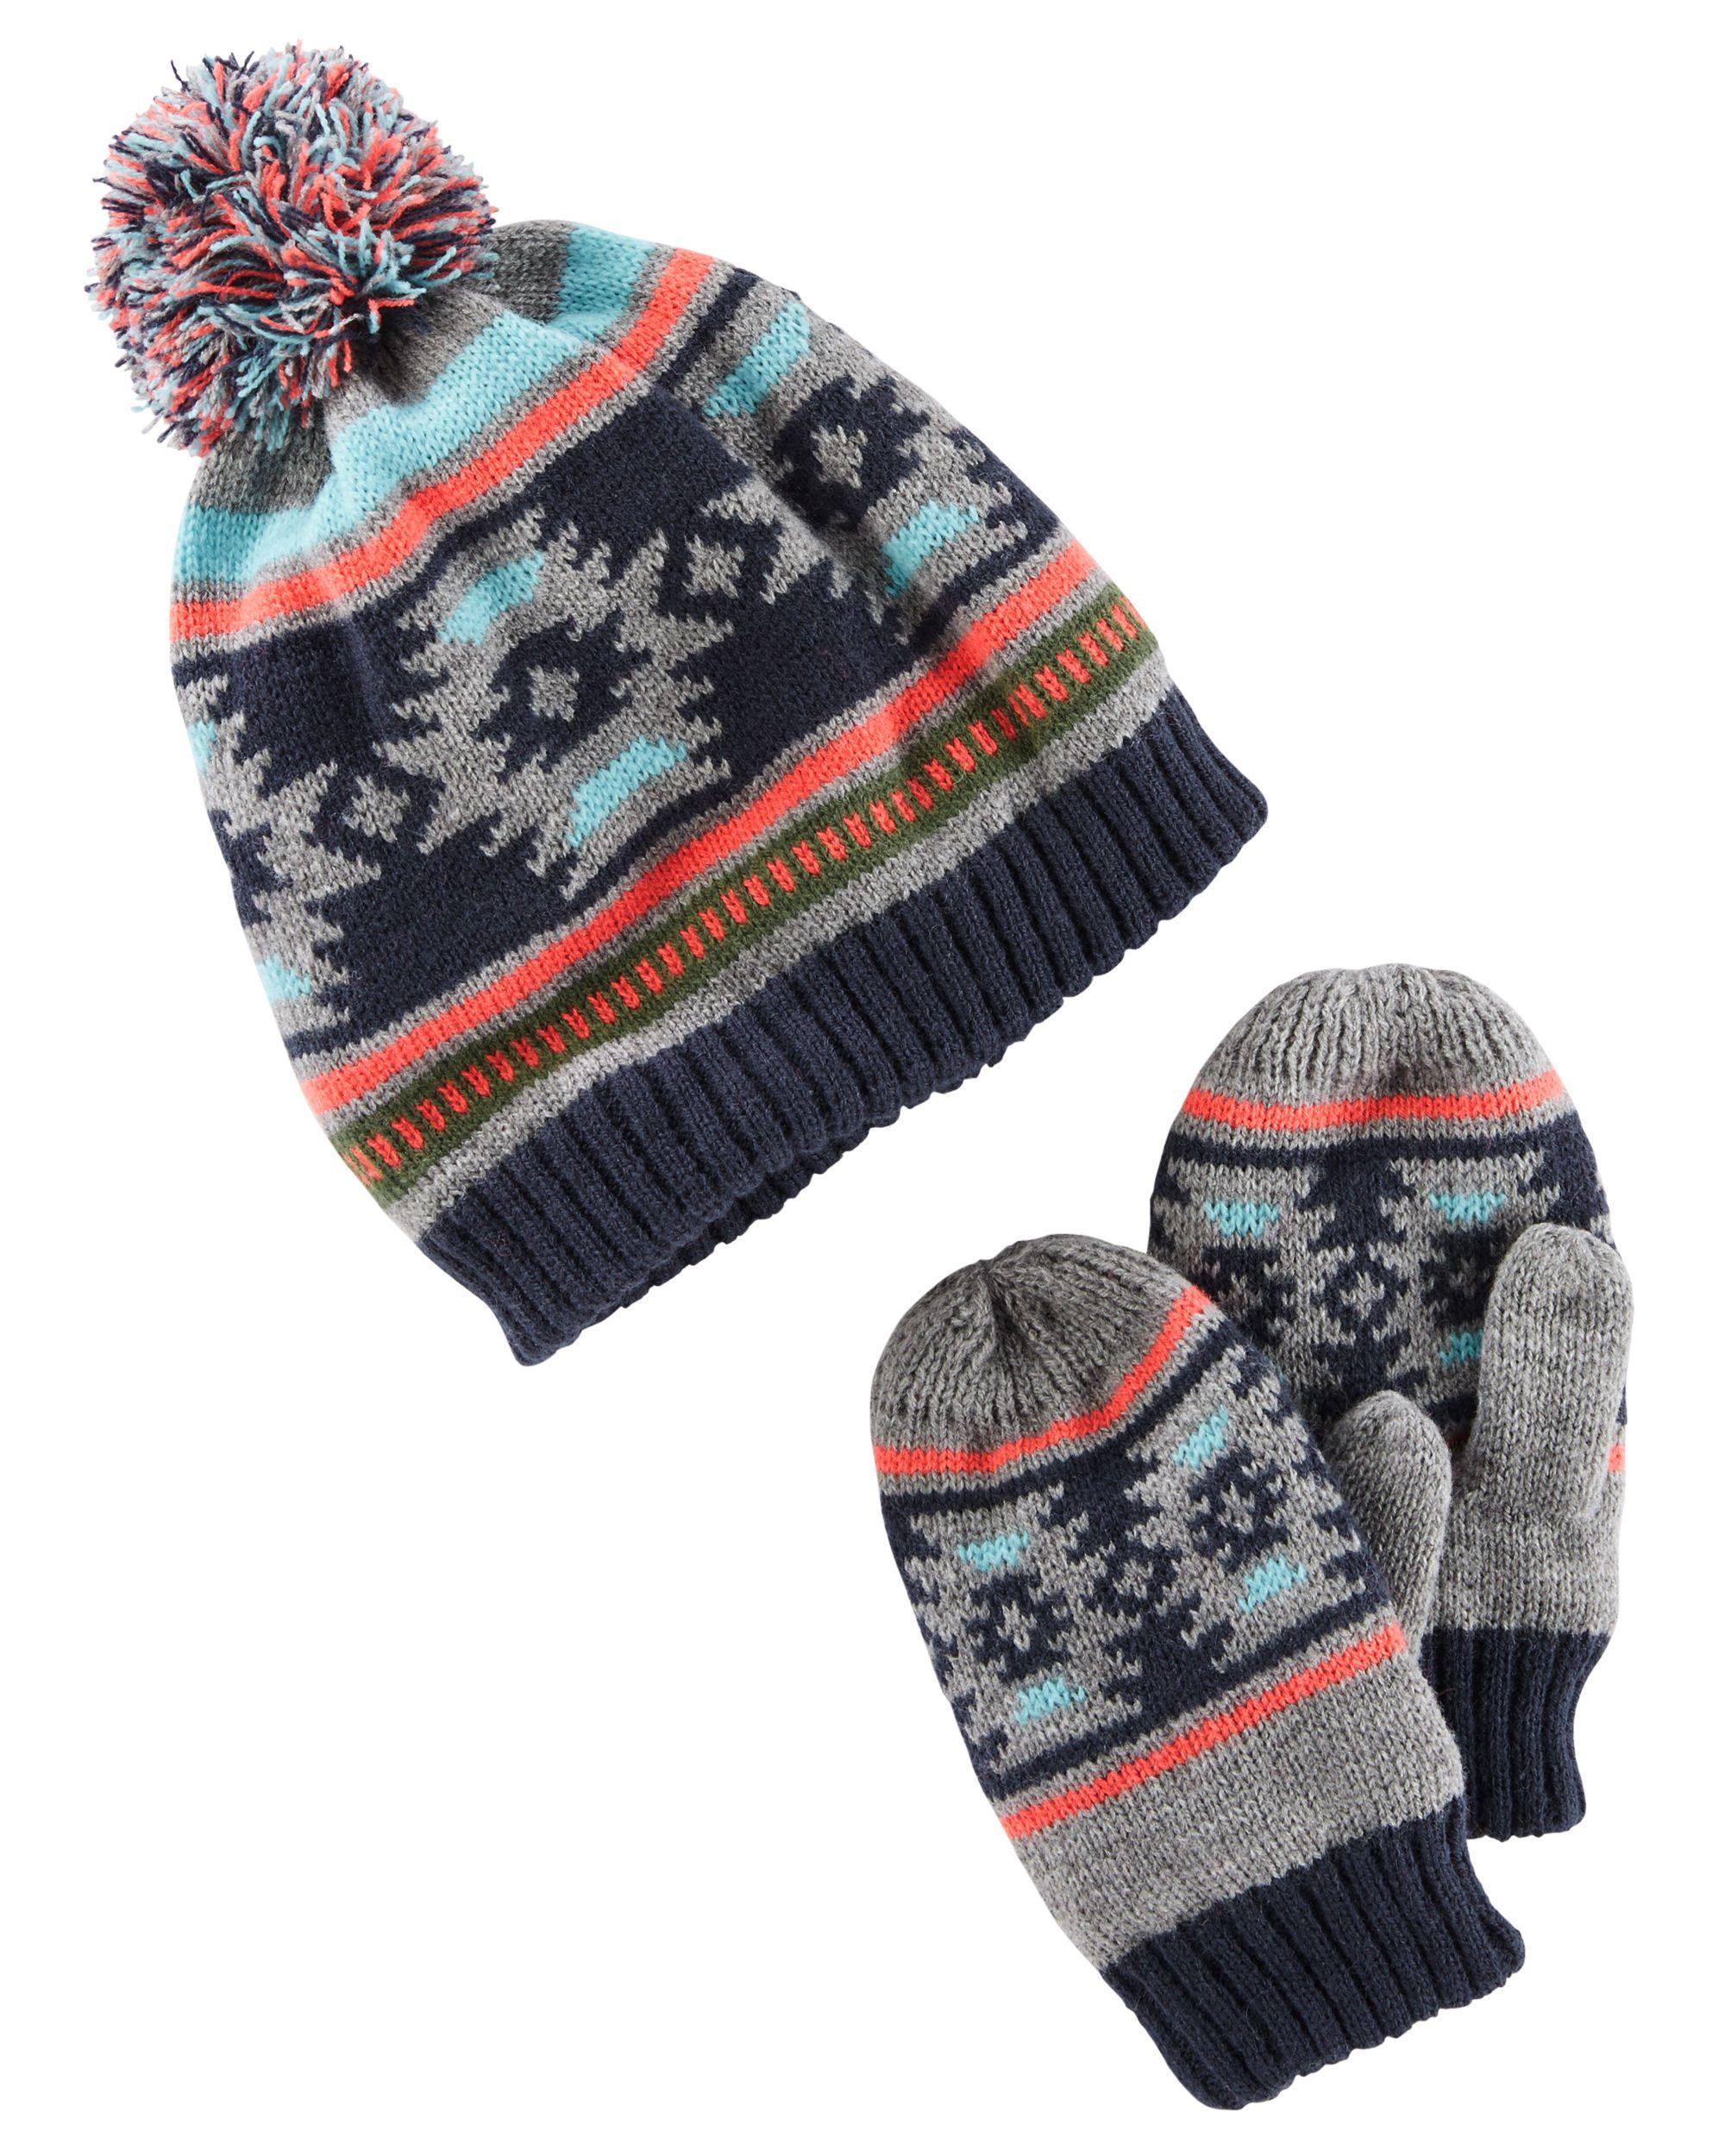 Toddler Boy Hat & Mittens Set | OshKosh.com